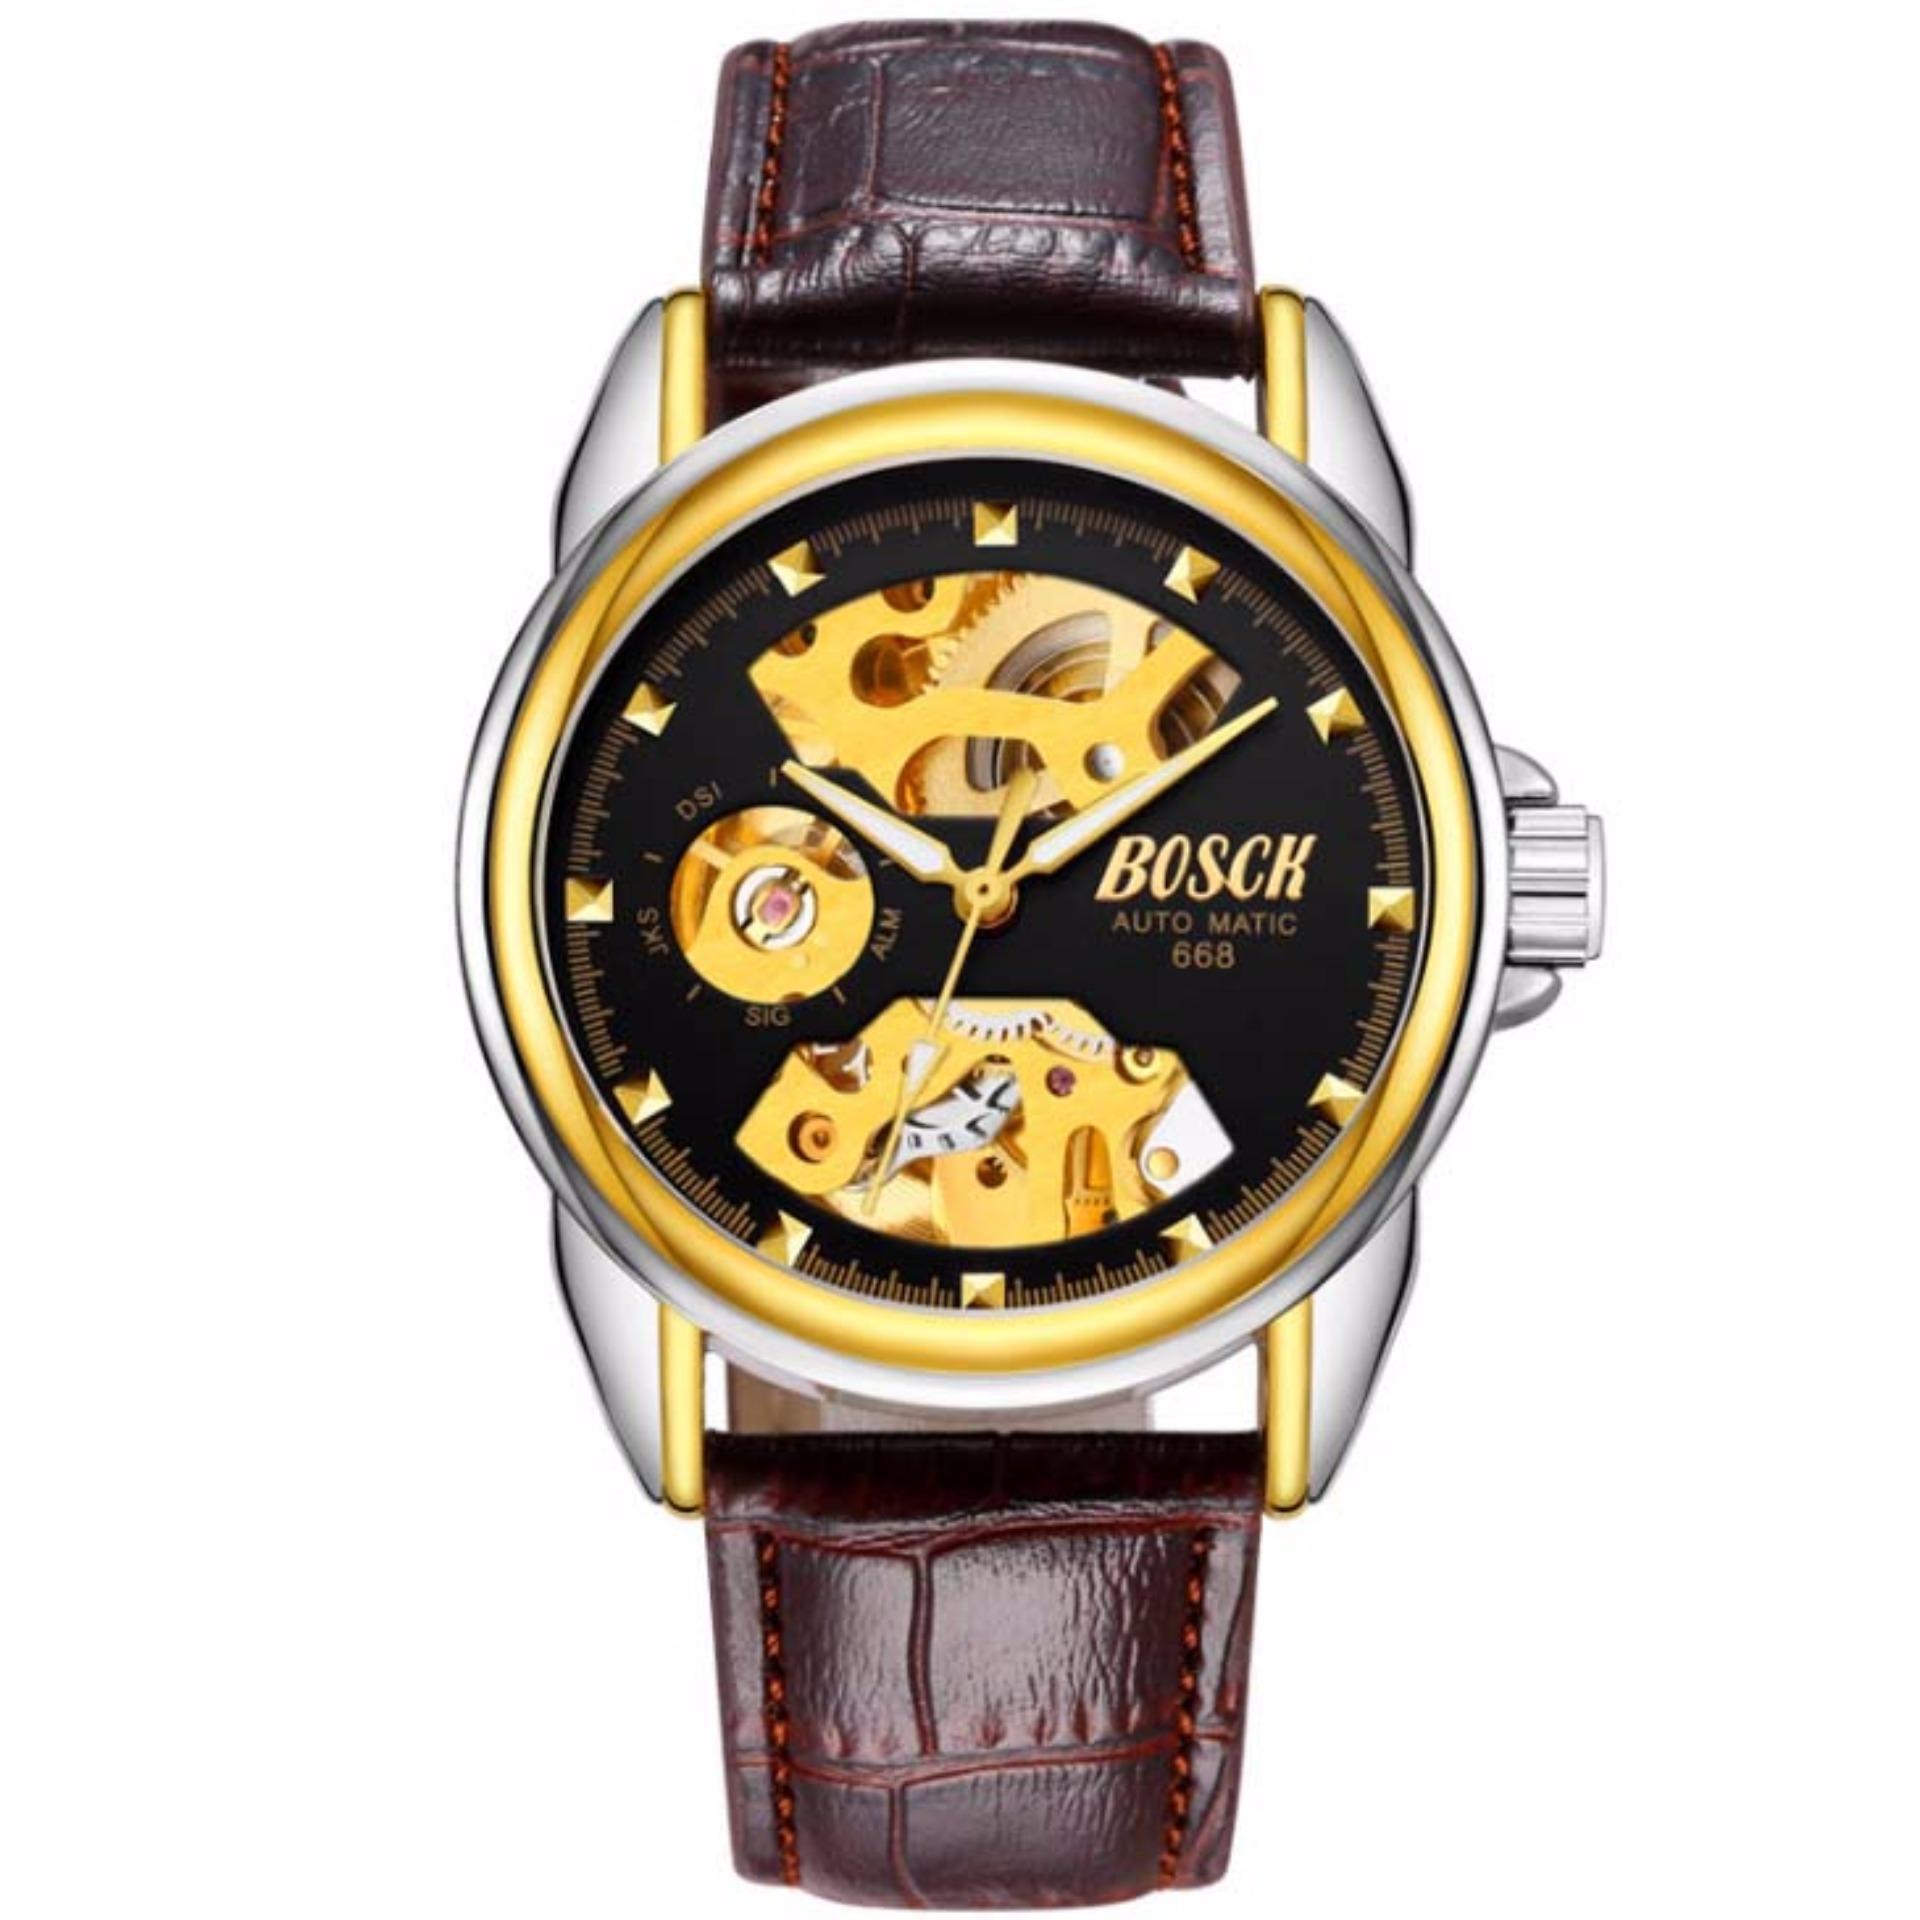 Đồng hồ nam Bosck 668 máy cơ automatic dây da (Mặt đen)